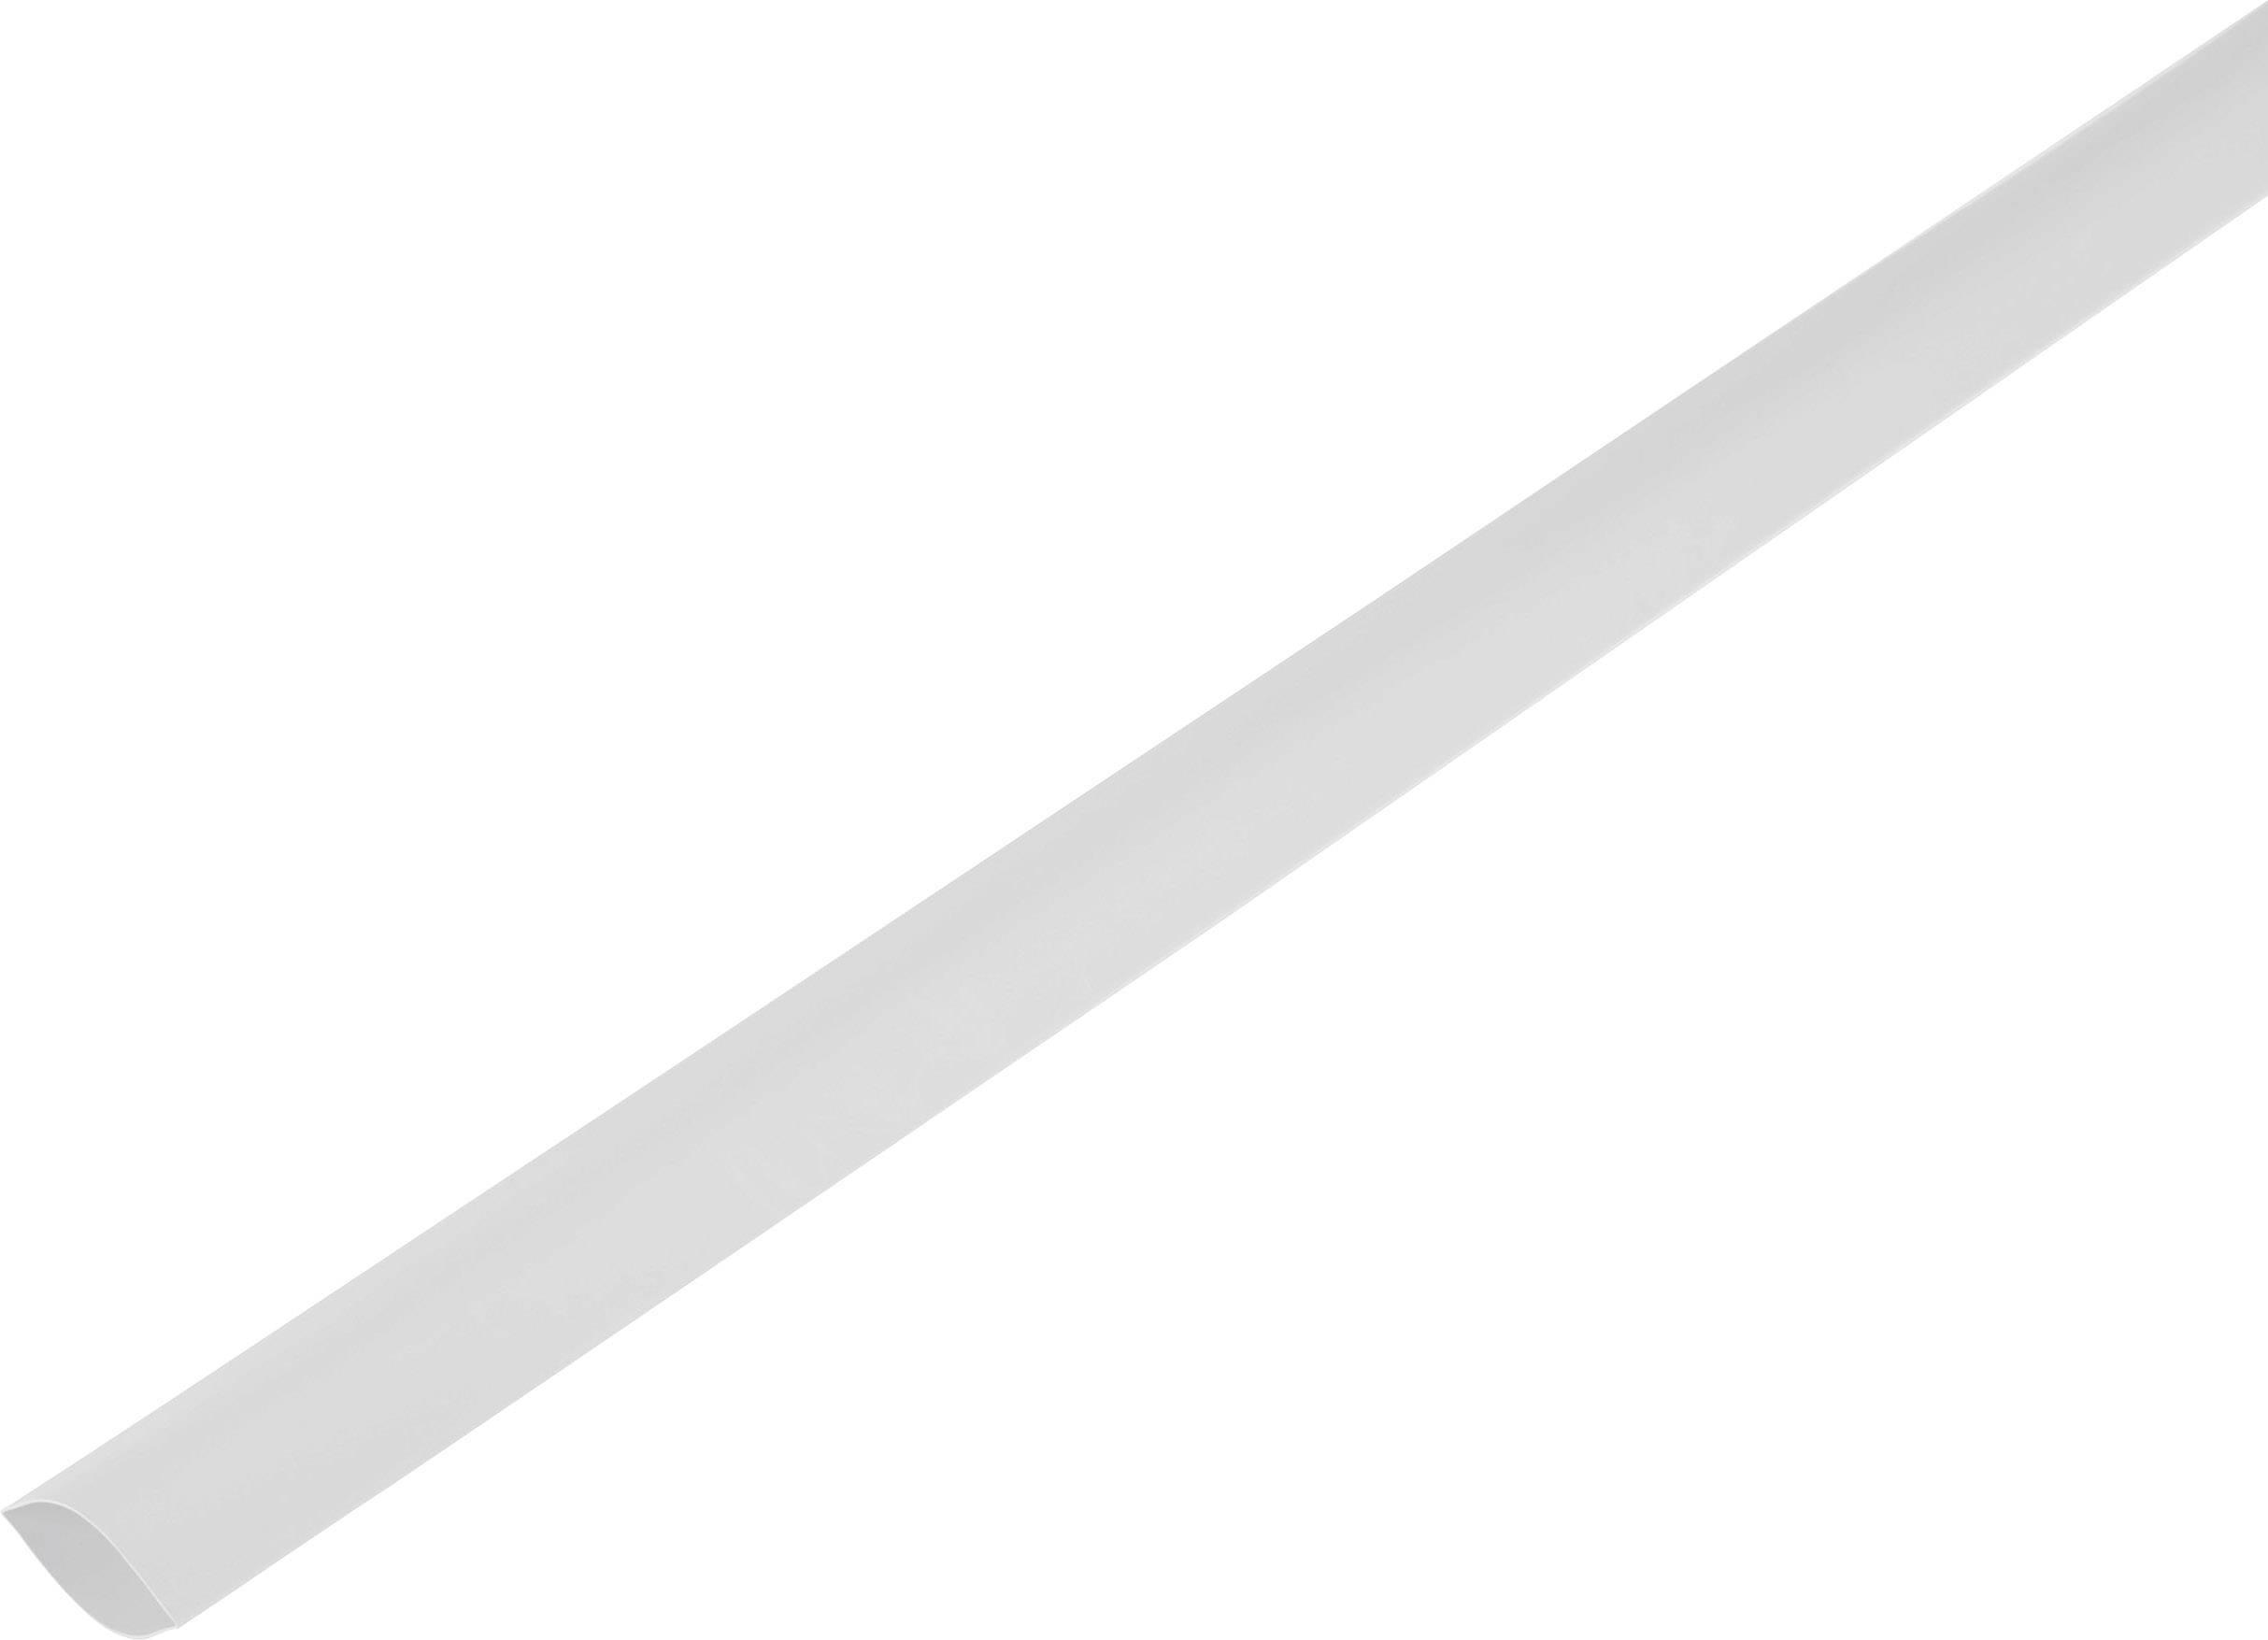 Smršťovací bužírka bez lepidla 1225507 2:1, -55 až +125 °C, 150 mm, bílá, metrové zboží